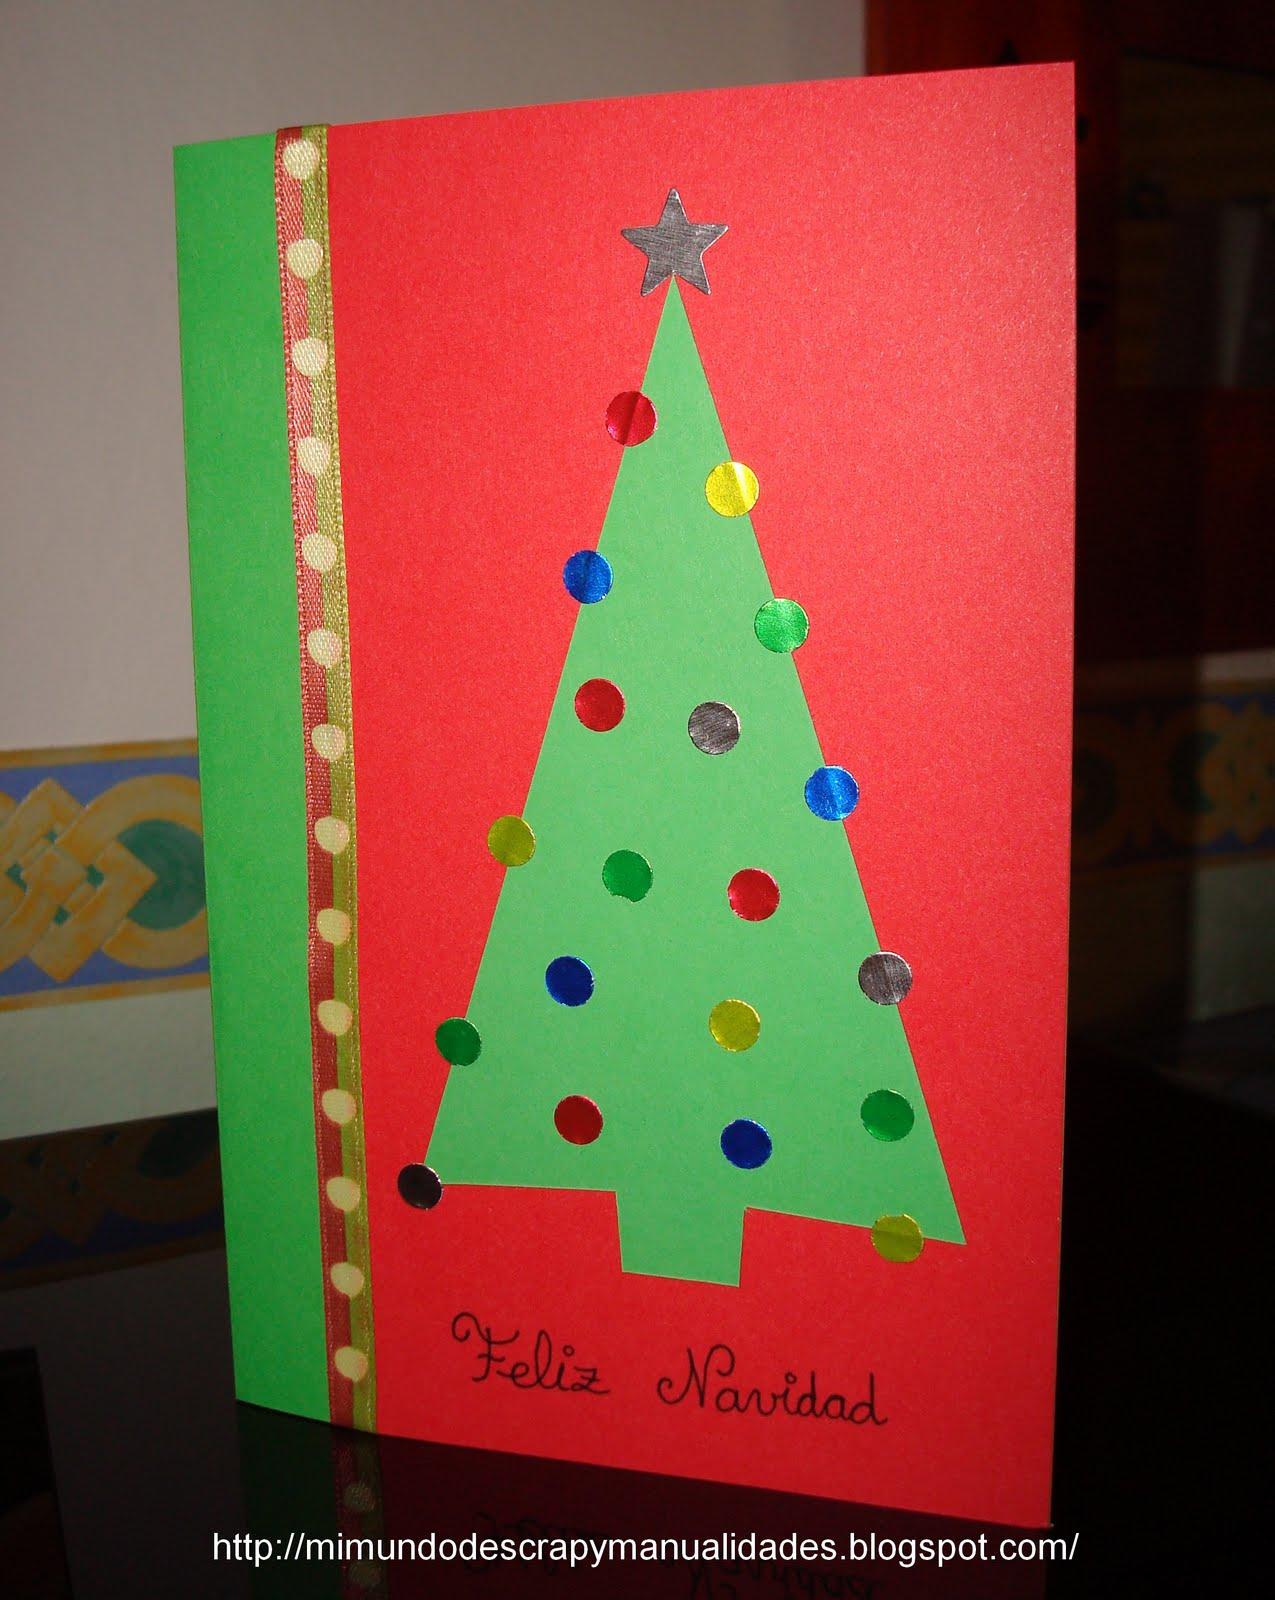 Mi mundo de scrap y manualidades postal de navidad 3 - Tarjeta de navidad manualidades ...